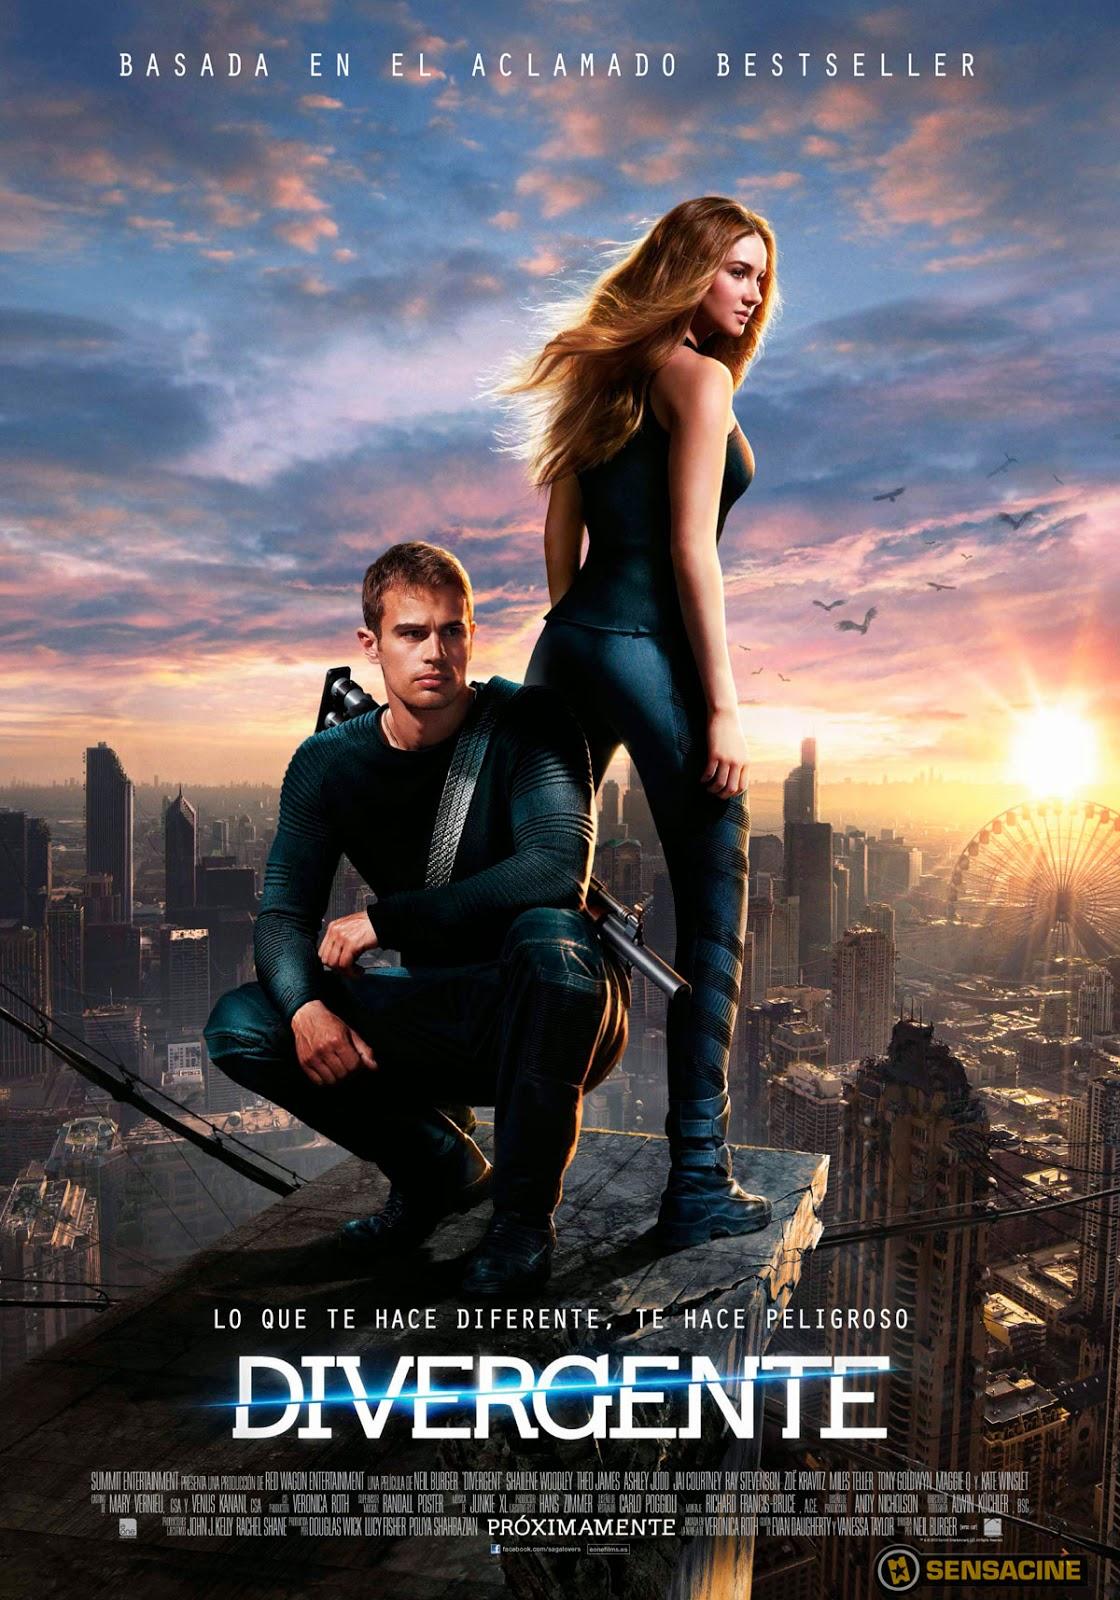 Reseña de cine: 'Divergente'